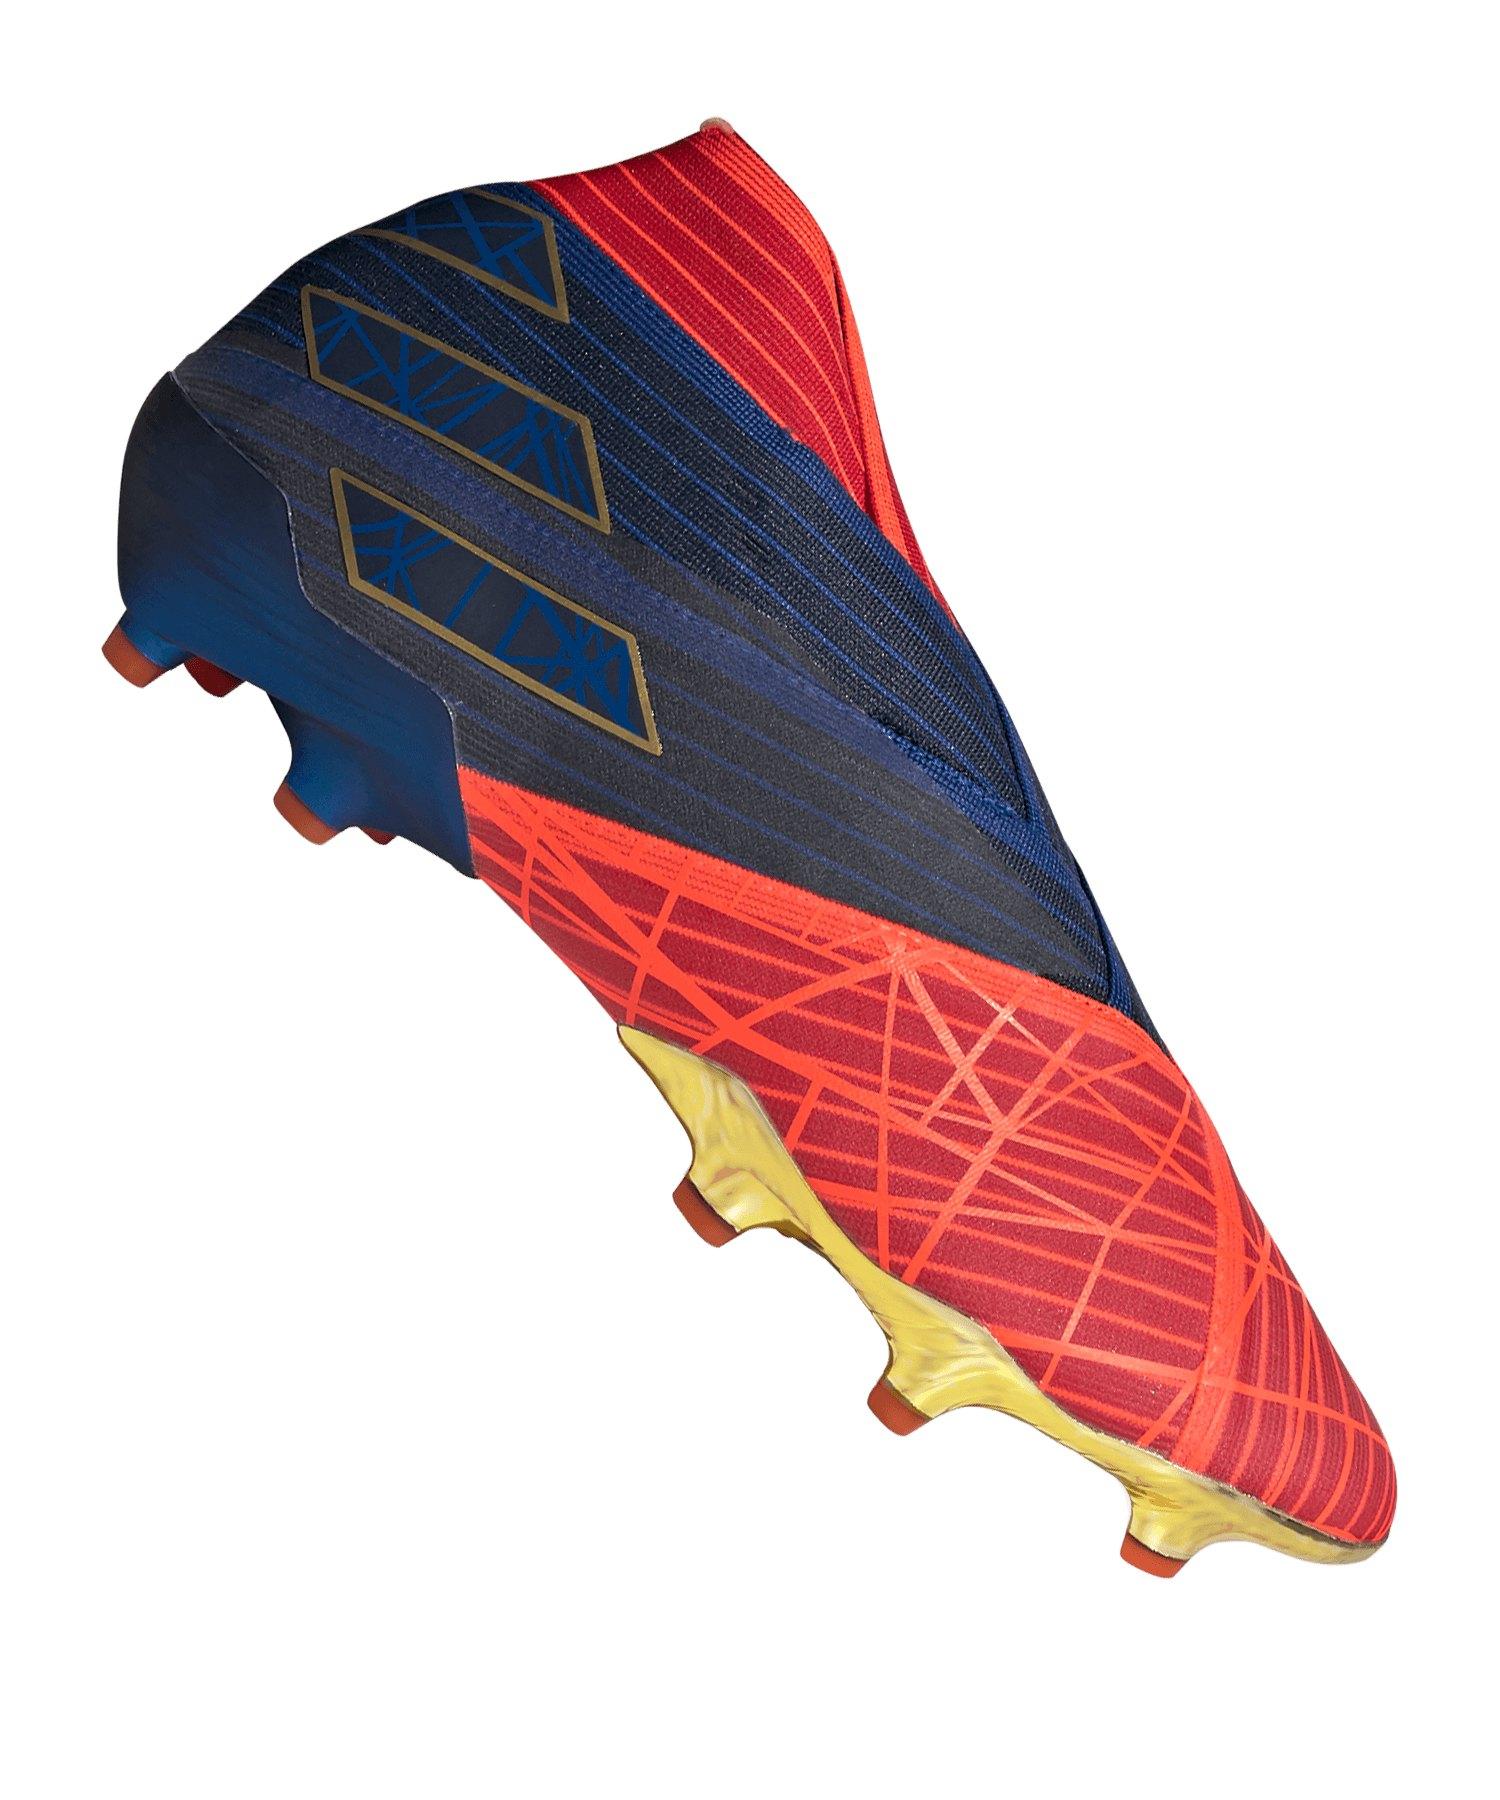 Fußball Schuhe Personalisable | adidas Deutschland